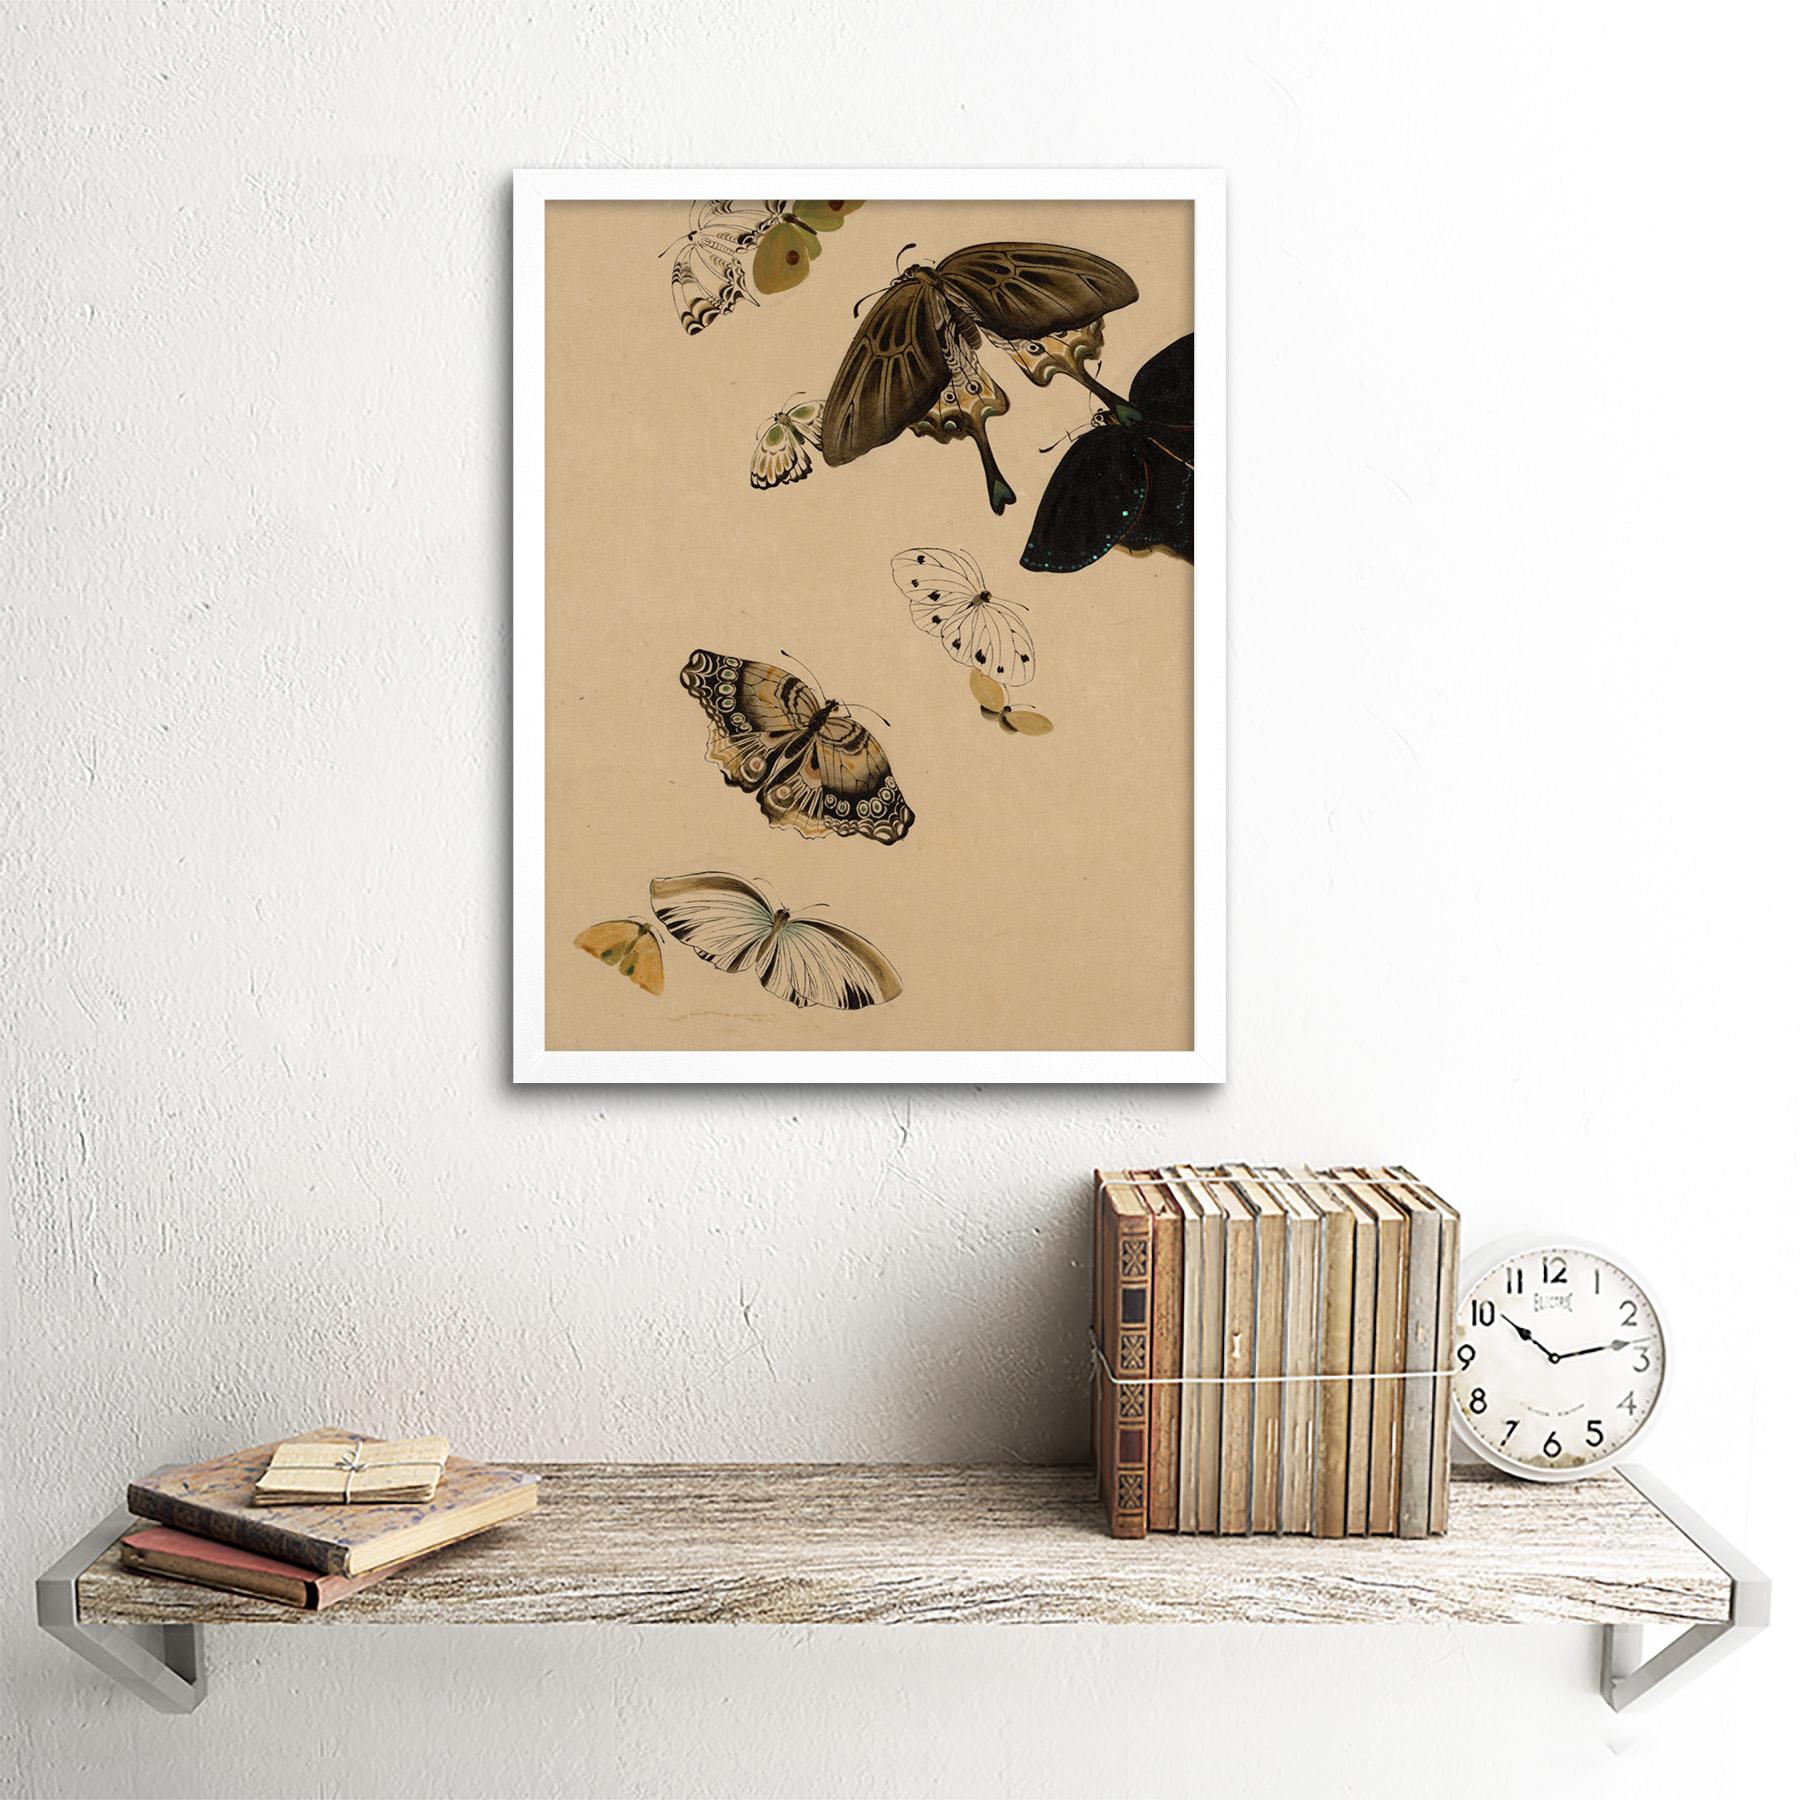 Zeshin-Butterflies-Japanese-Laquer-Painting-Wall-Art-Print-Framed-12x16 thumbnail 18